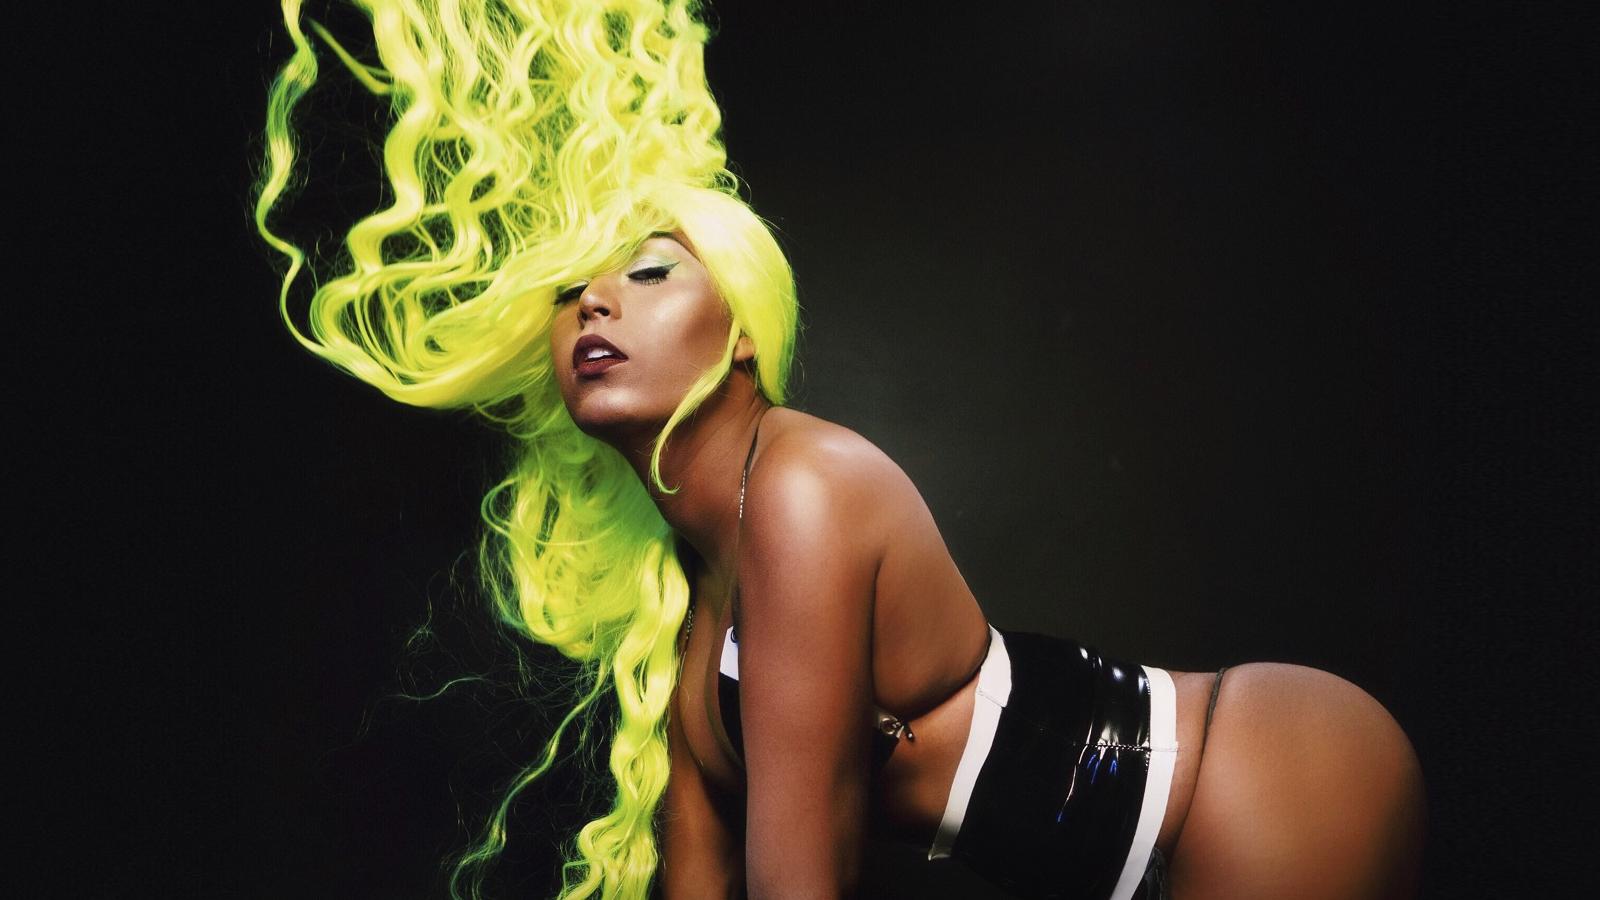 """Do brega ao funk, música é o primeiro lançamento da cantora desde o hit com Kika Boom, """"Loka de Pinga""""."""